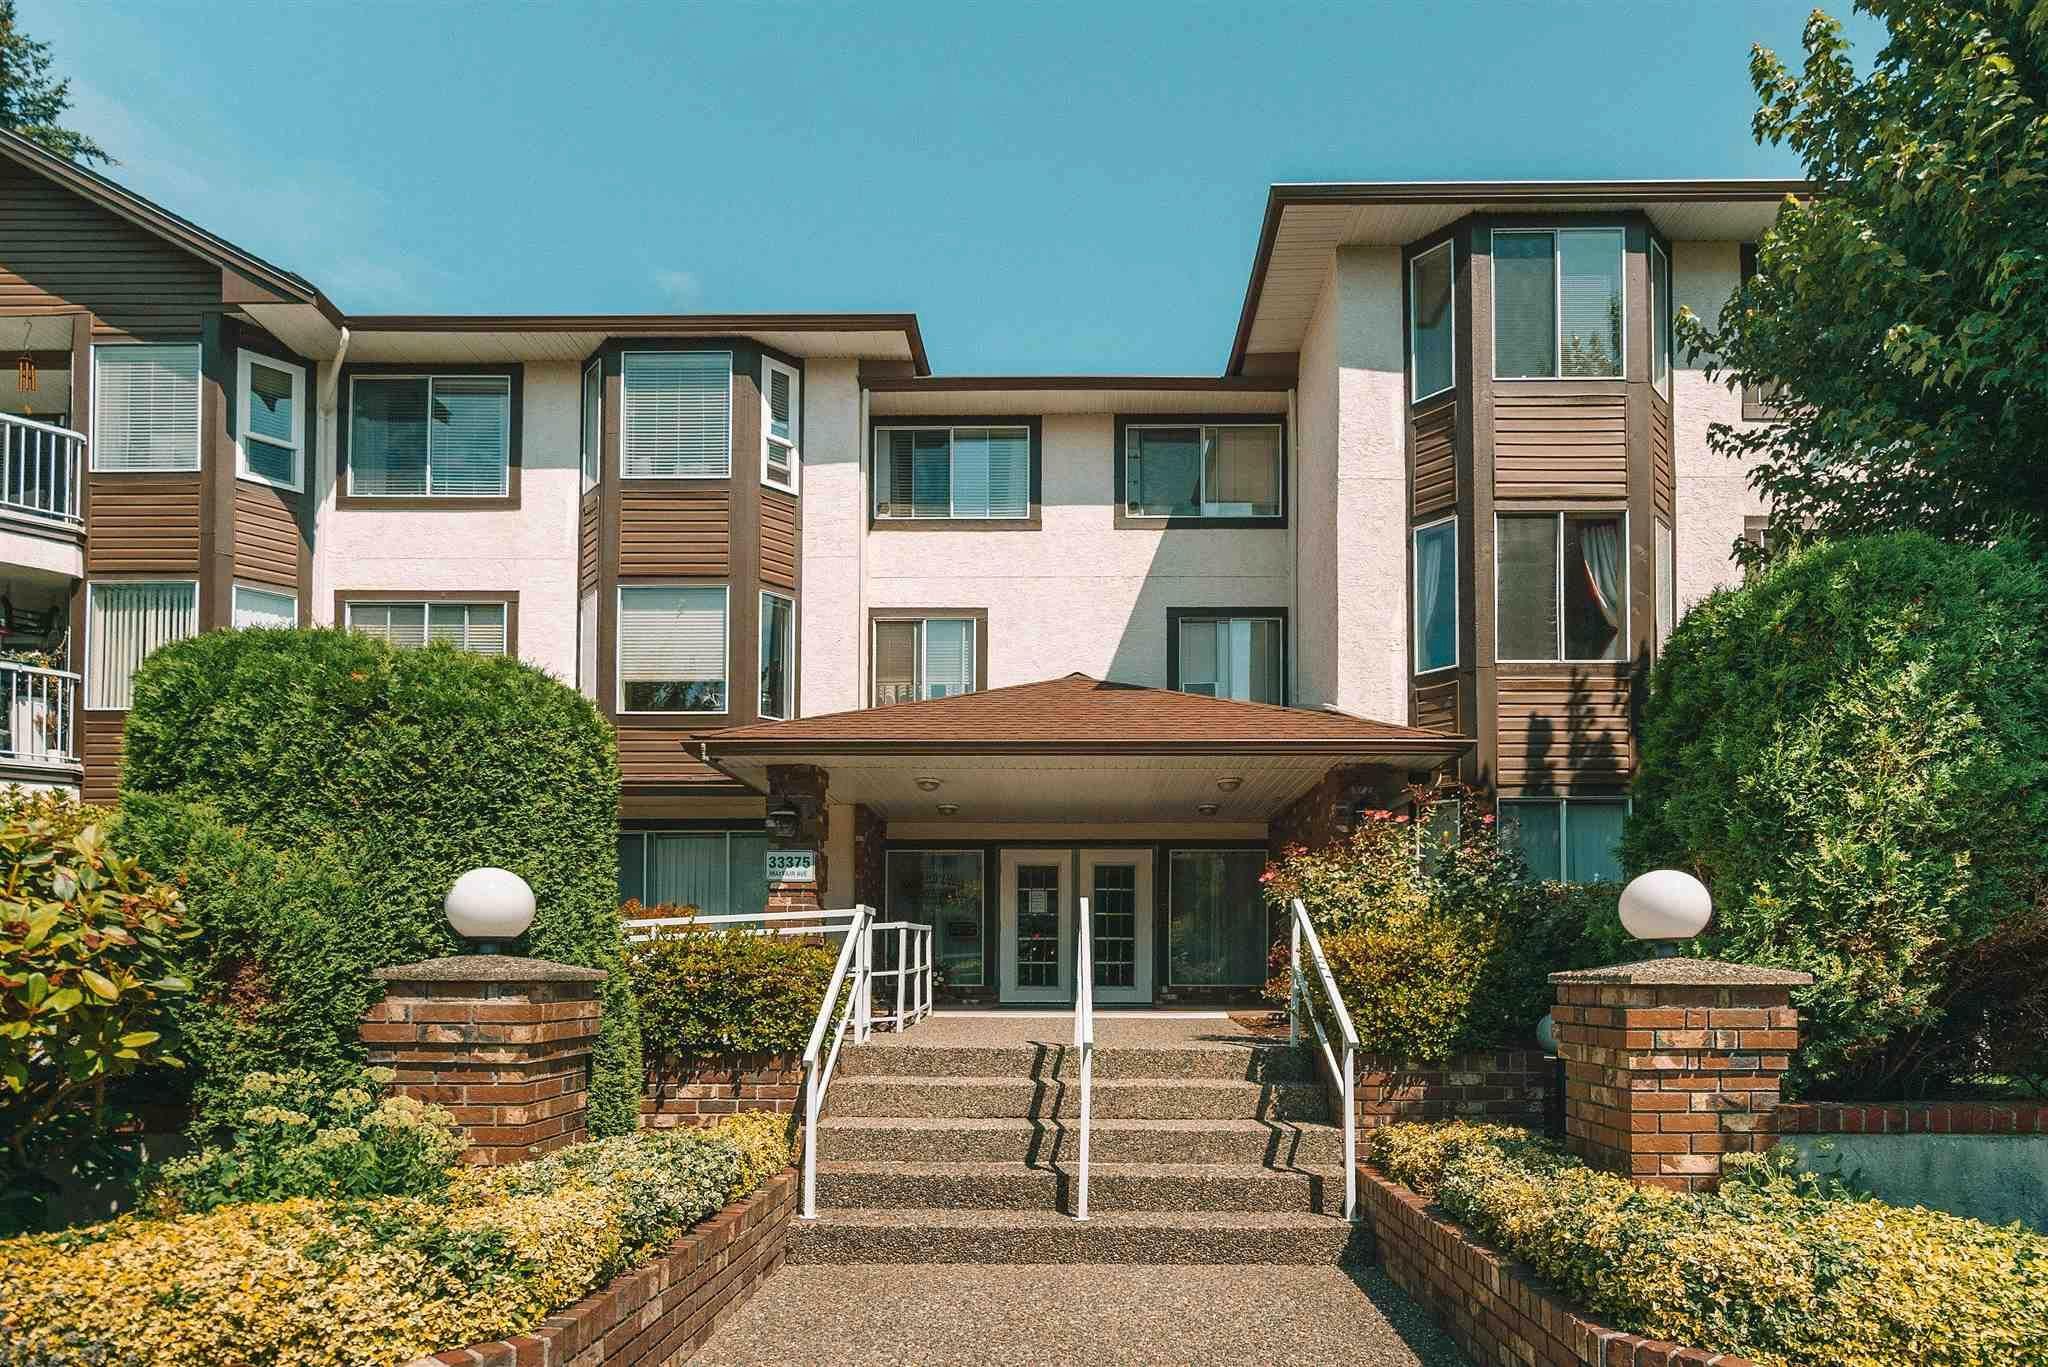 """Main Photo: 312 33375 MAYFAIR Avenue in Abbotsford: Central Abbotsford Condo for sale in """"MAYFAIR PLACE"""" : MLS®# R2604719"""